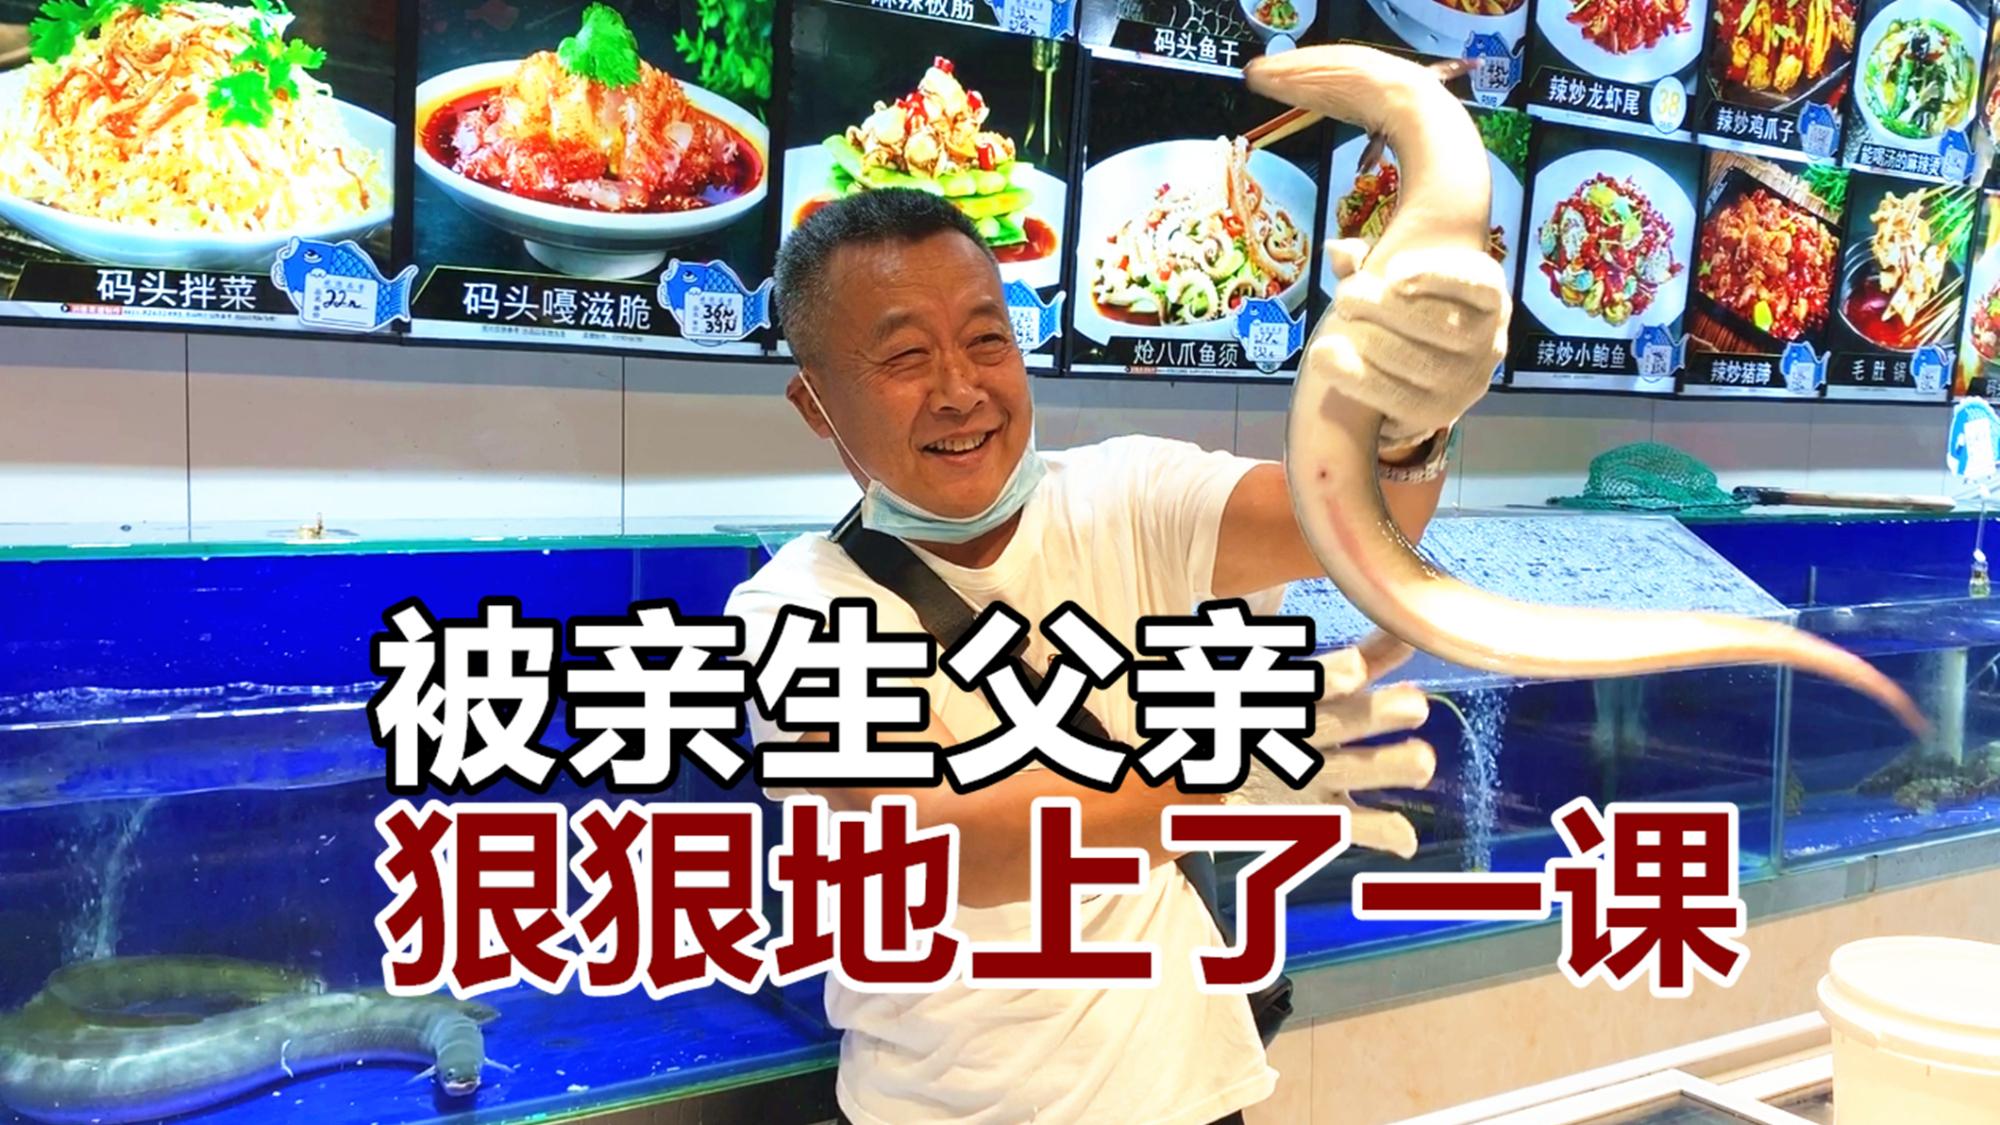 【夏日蕉易战】被老爸狠狠地上了一课,一顿海鲜把我存款吃没了